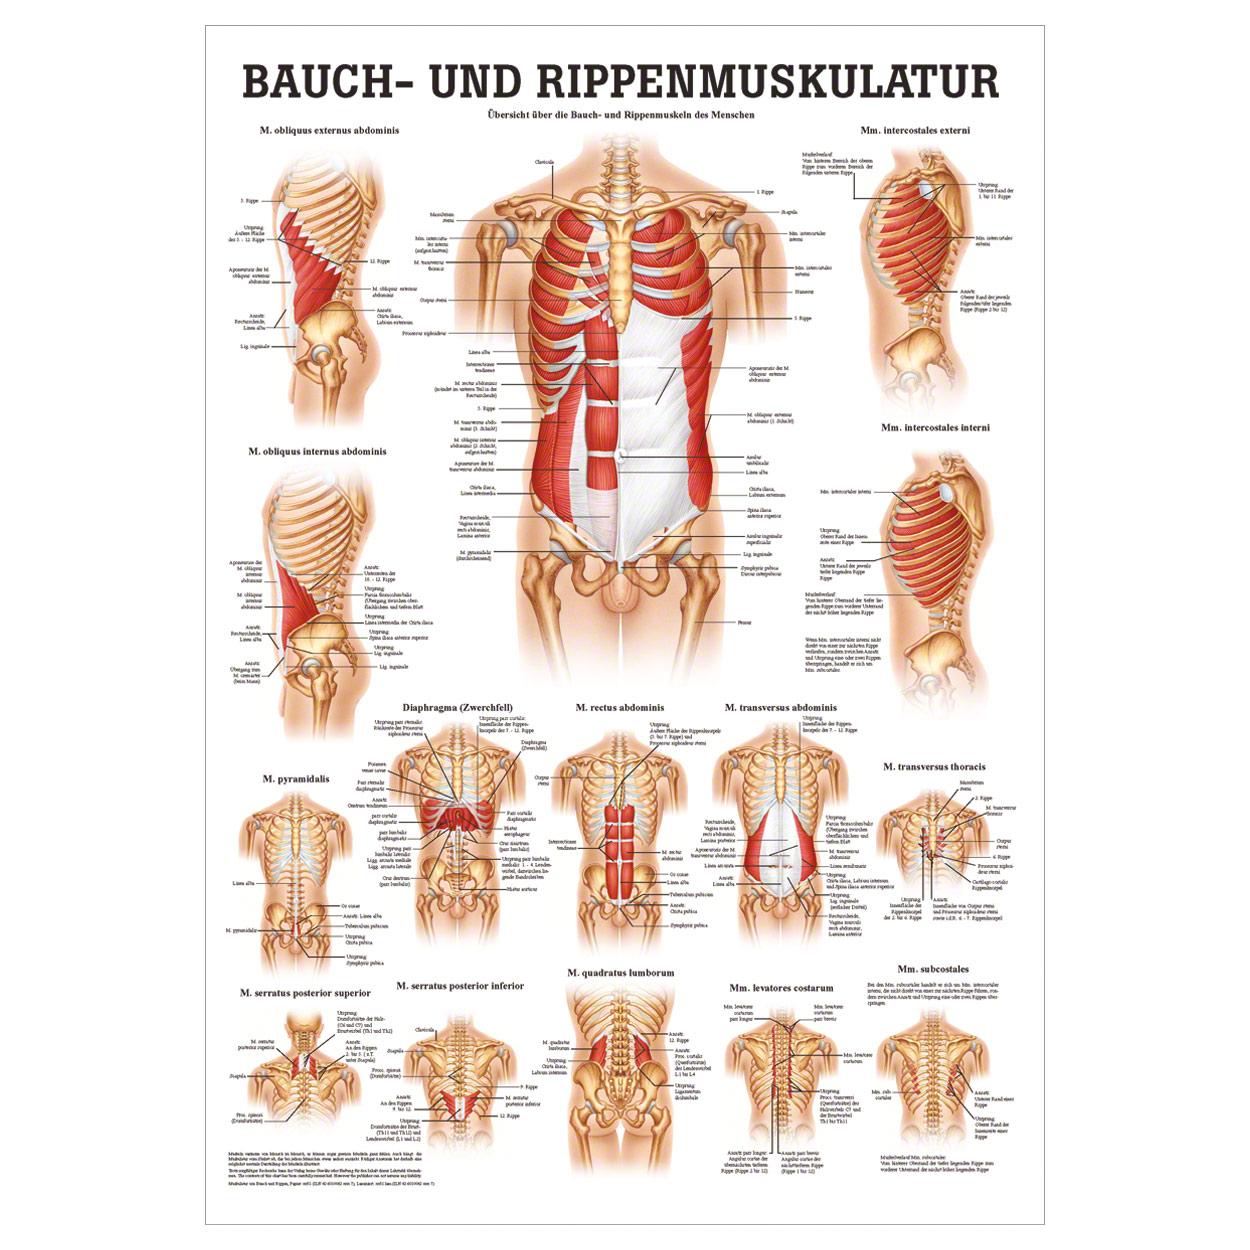 bauch und rippenmuskulatur poster anatomie 70x50 cm. Black Bedroom Furniture Sets. Home Design Ideas